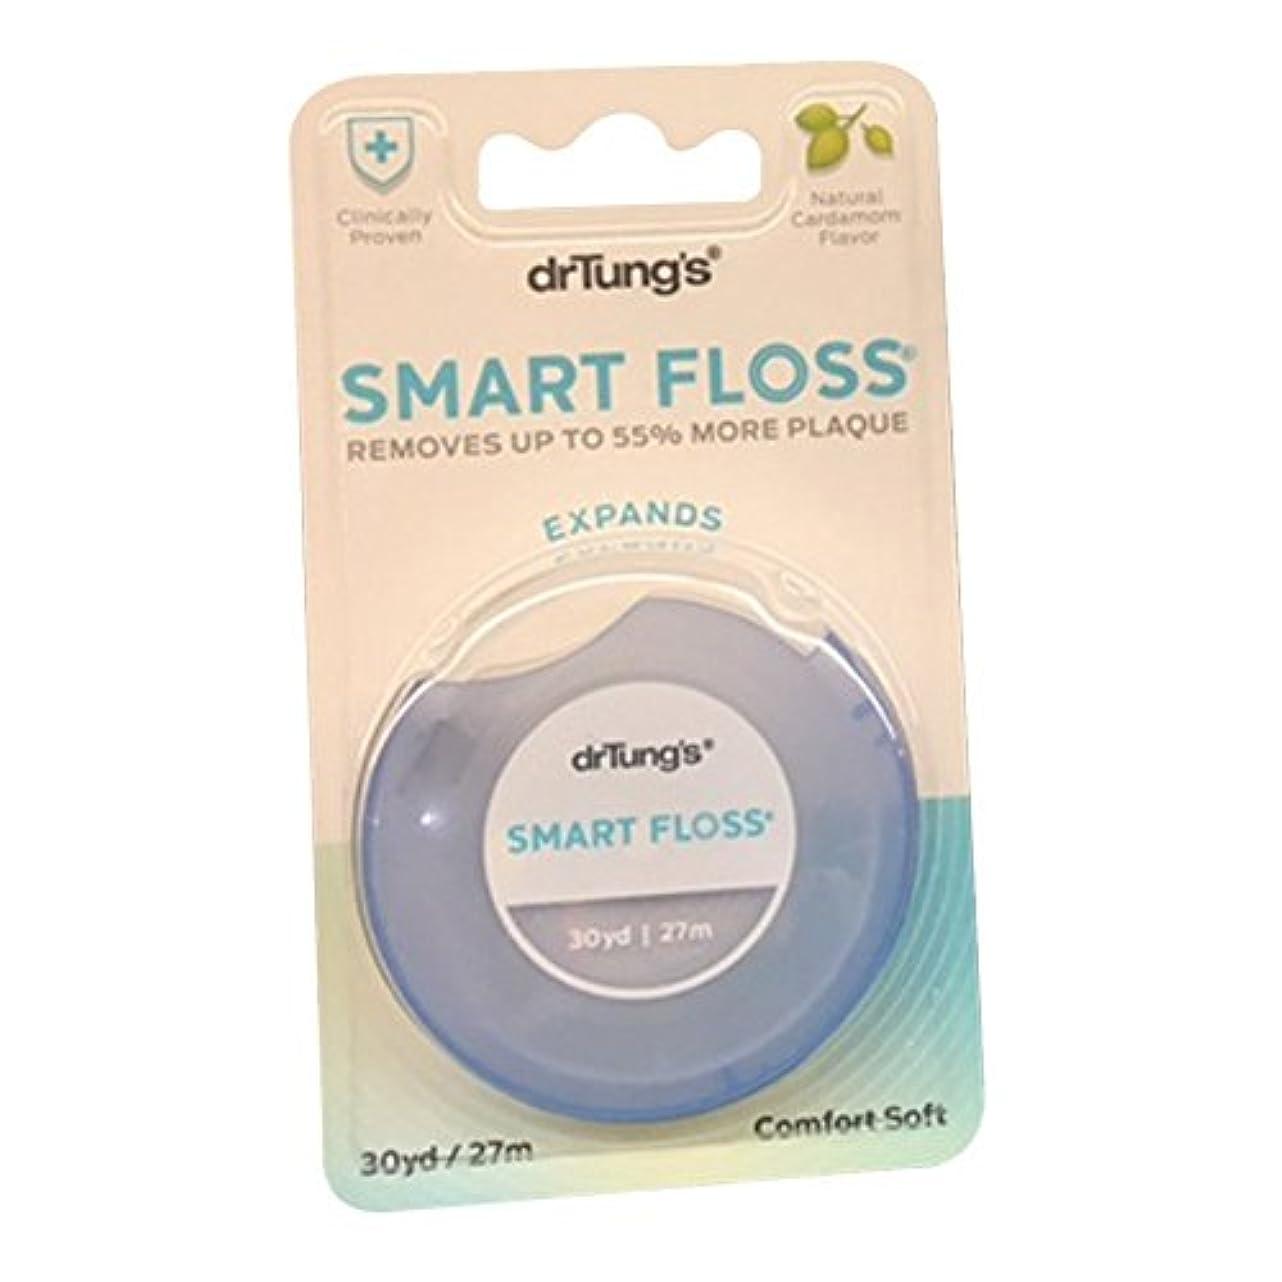 難民協定その間【並行輸入品】Dr. Tung's Products: Smart Floss Dental Floss 30 yards (12 pack)